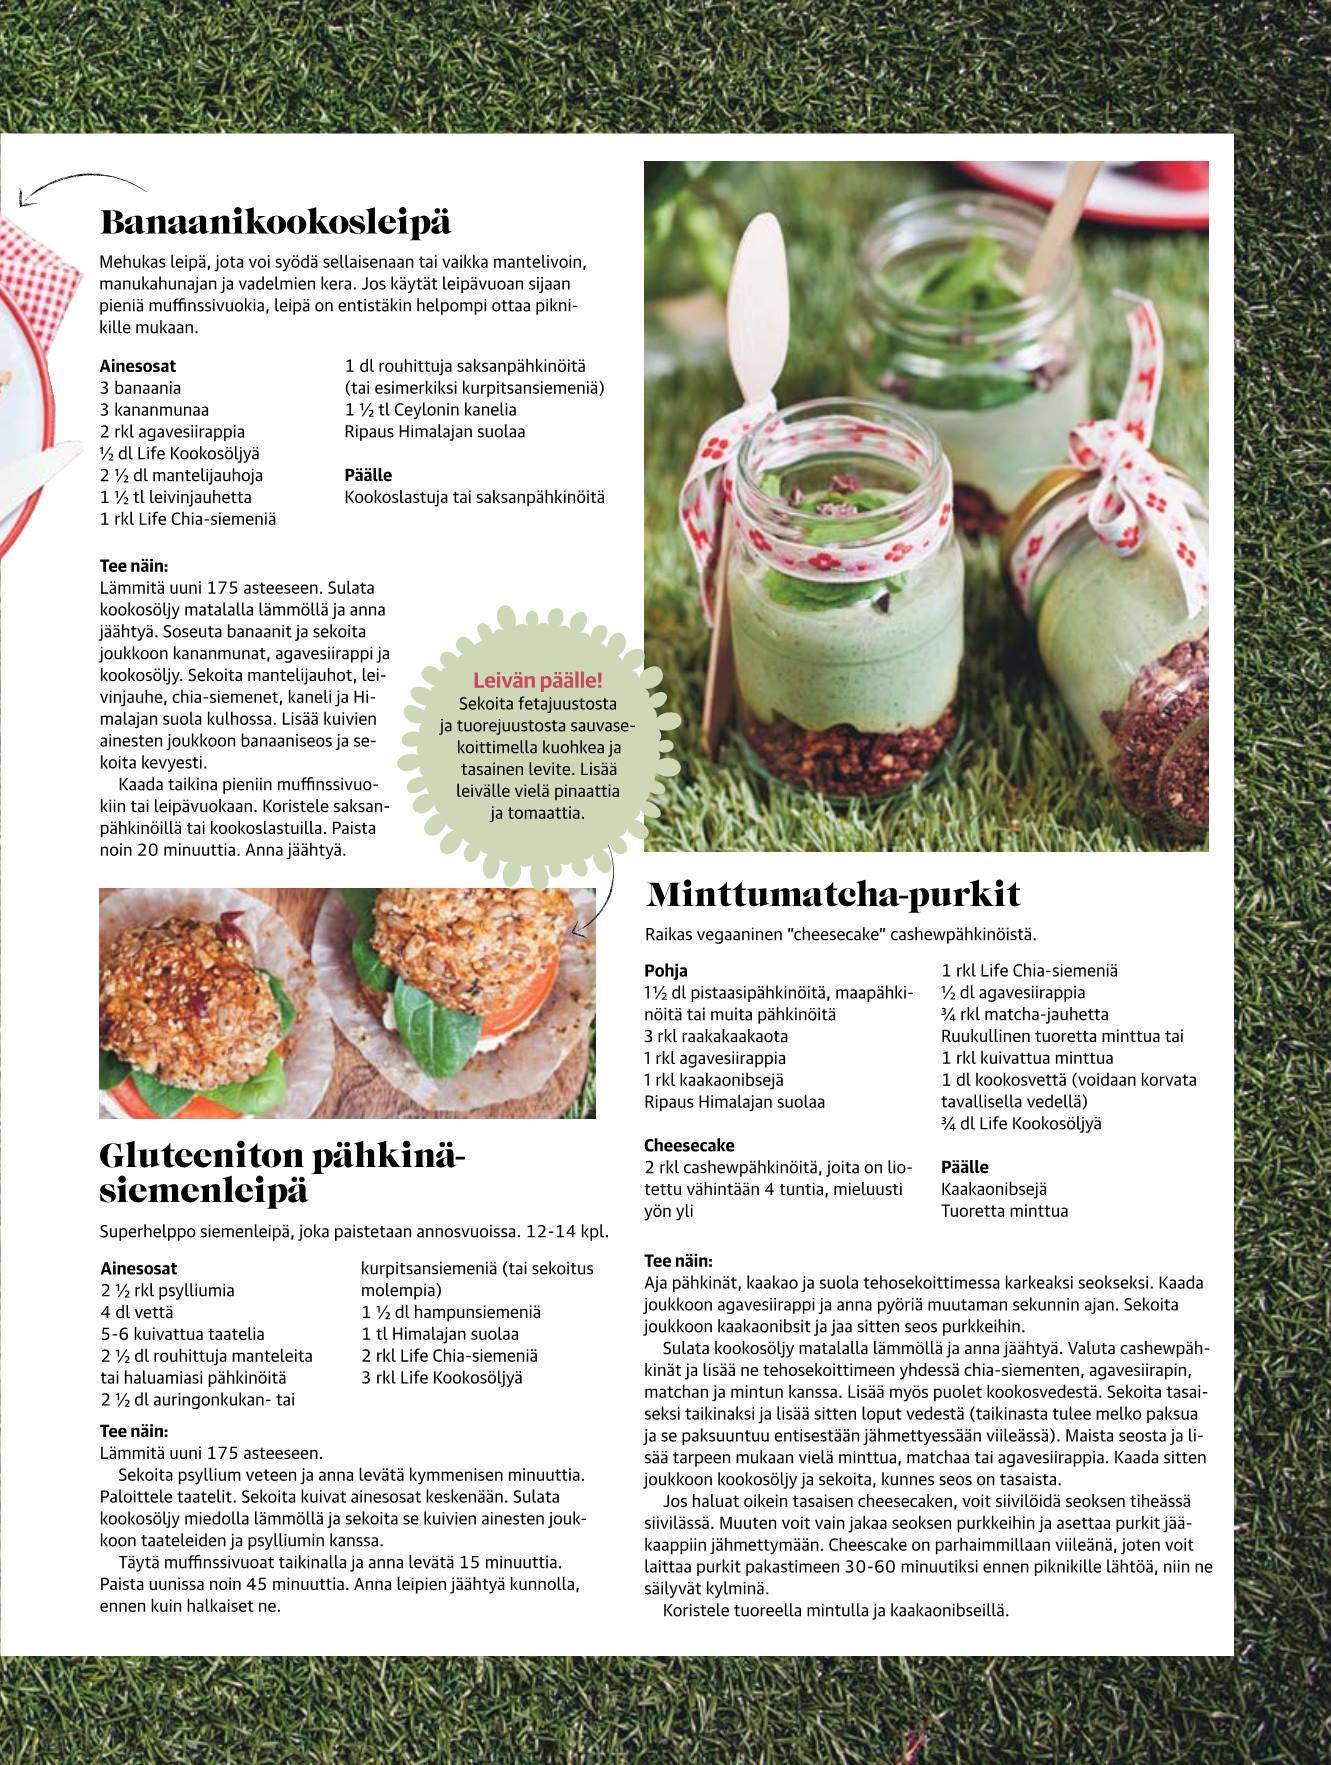 saksanpähkinä omega 3